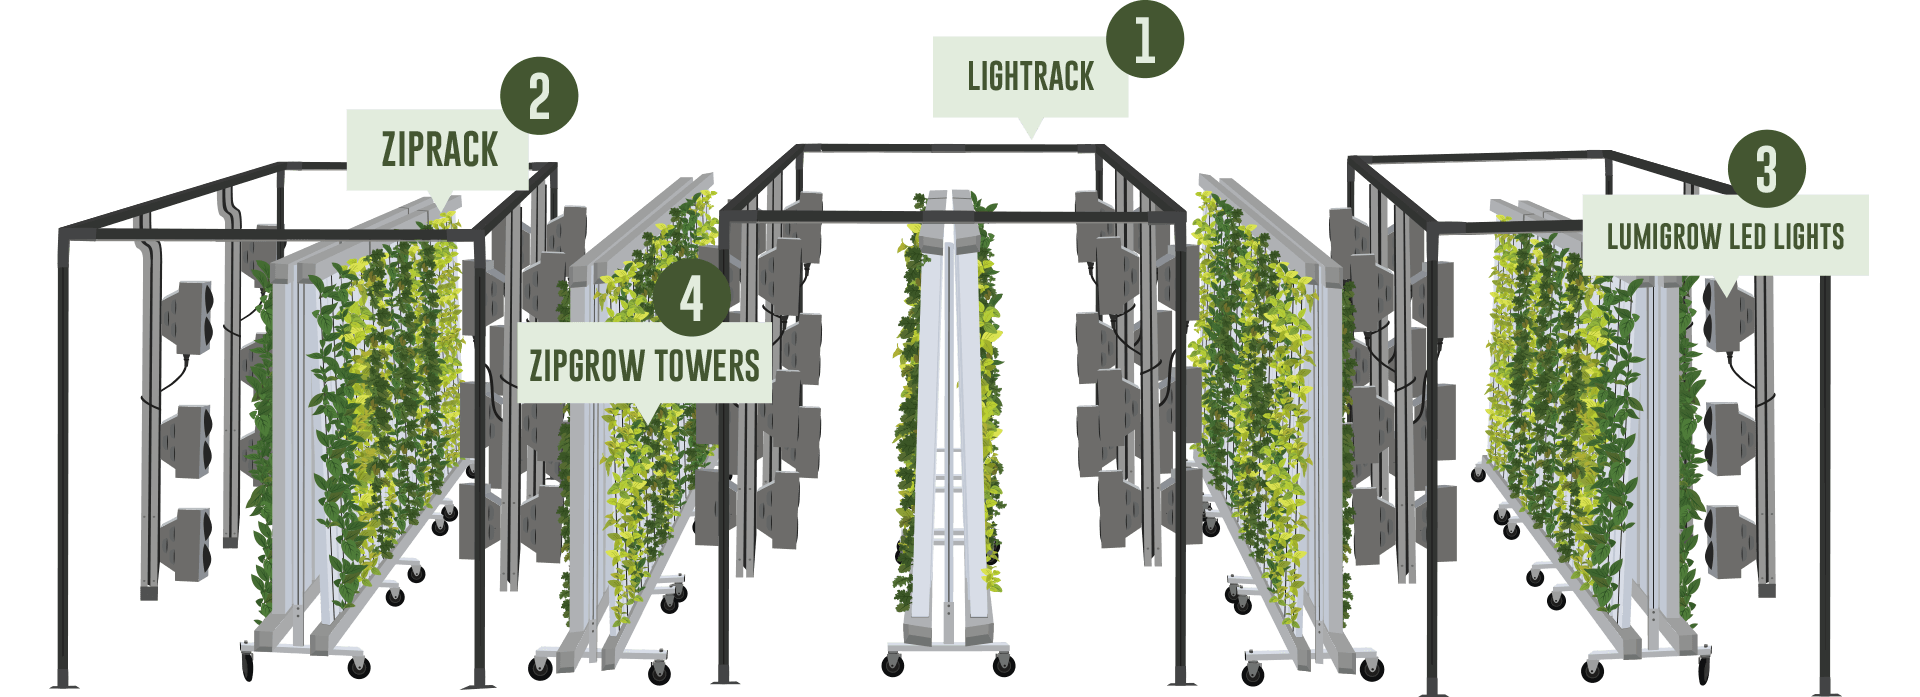 zip-tower